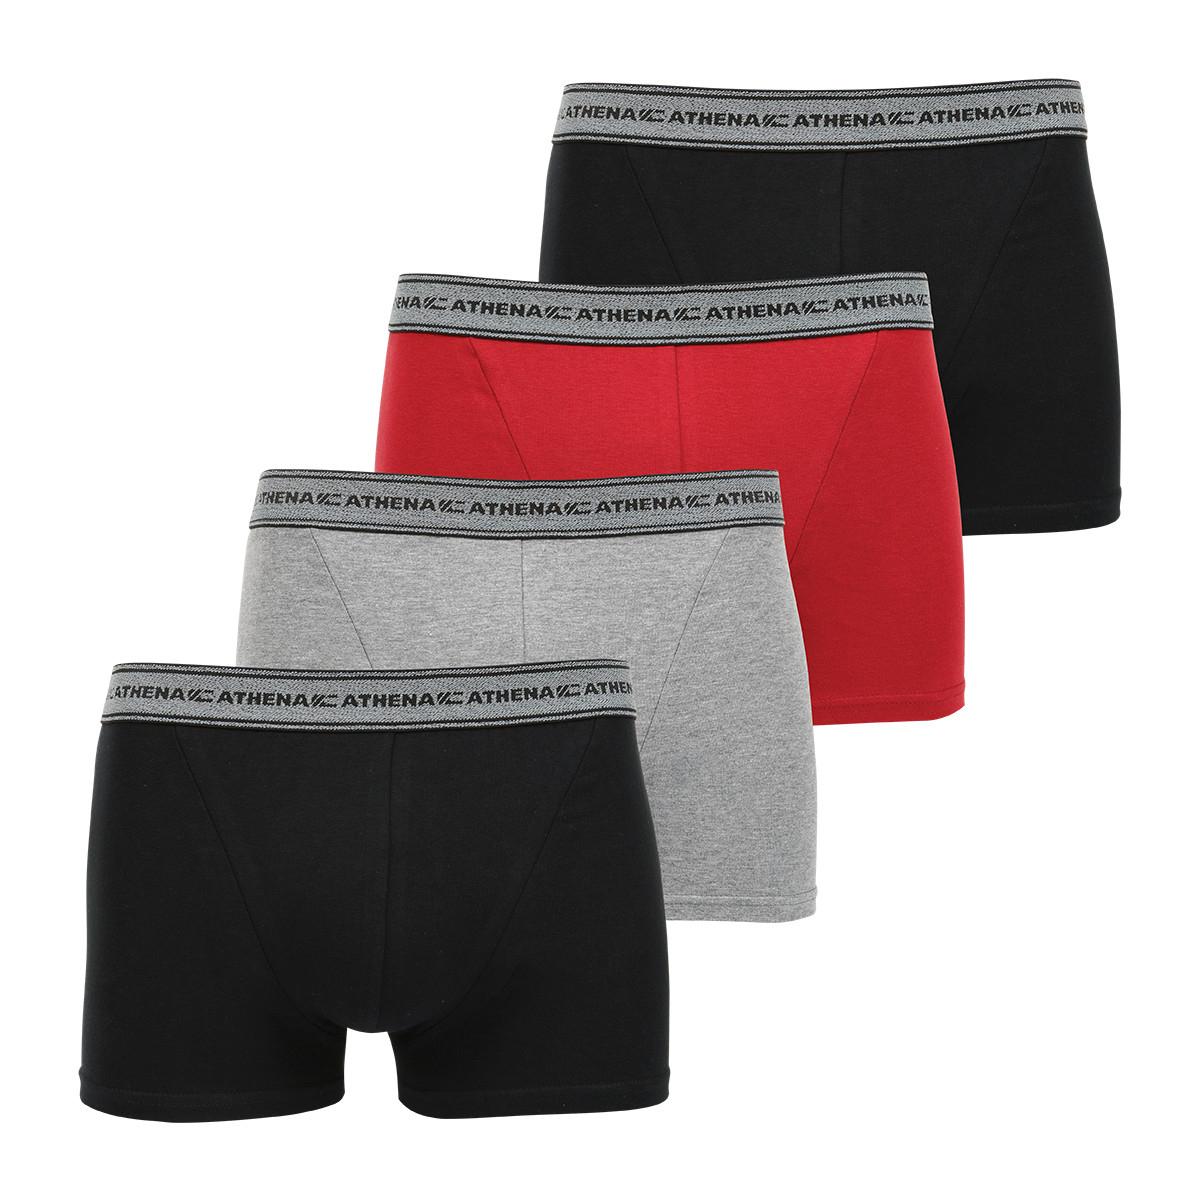 Sélection d'articles Athena en promotion - Ex : Lot de 4 boxers homme Eco Pack - Diverses tailles (athenashop.fr)